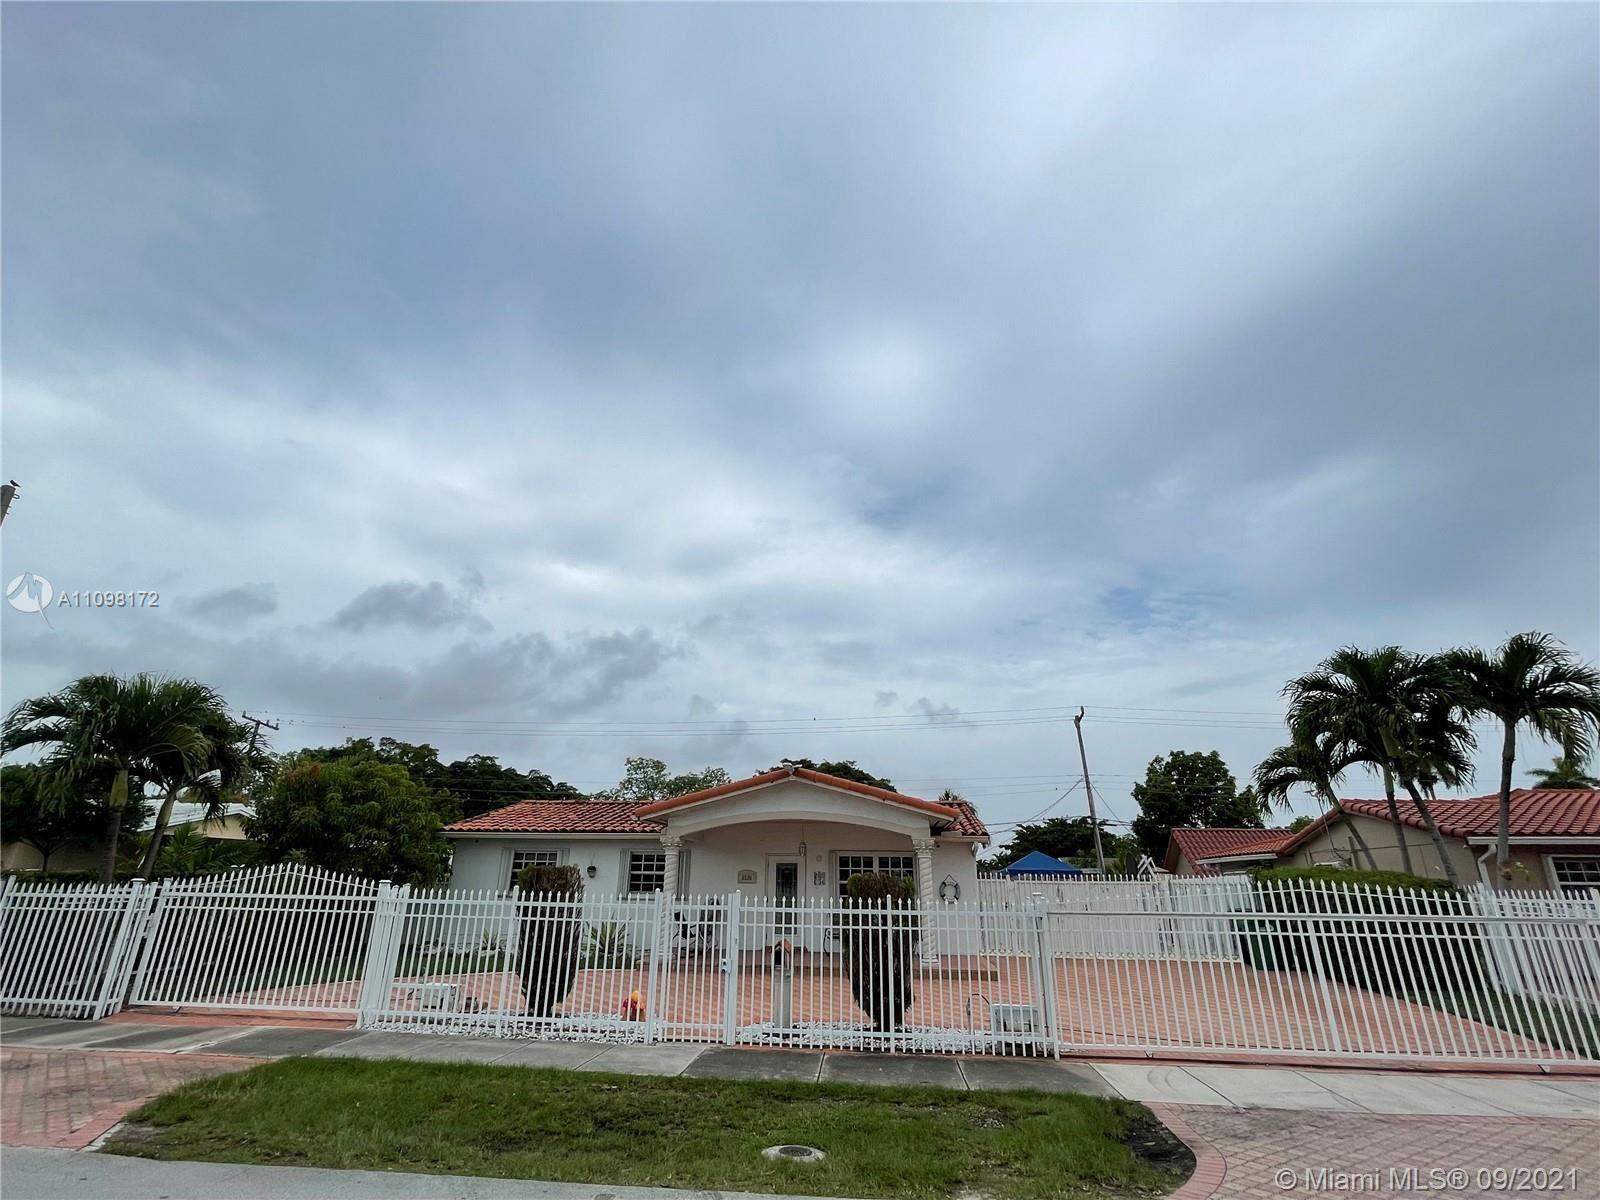 3520 SW 121st Ave, Miami, FL 33175 - #: A11098172